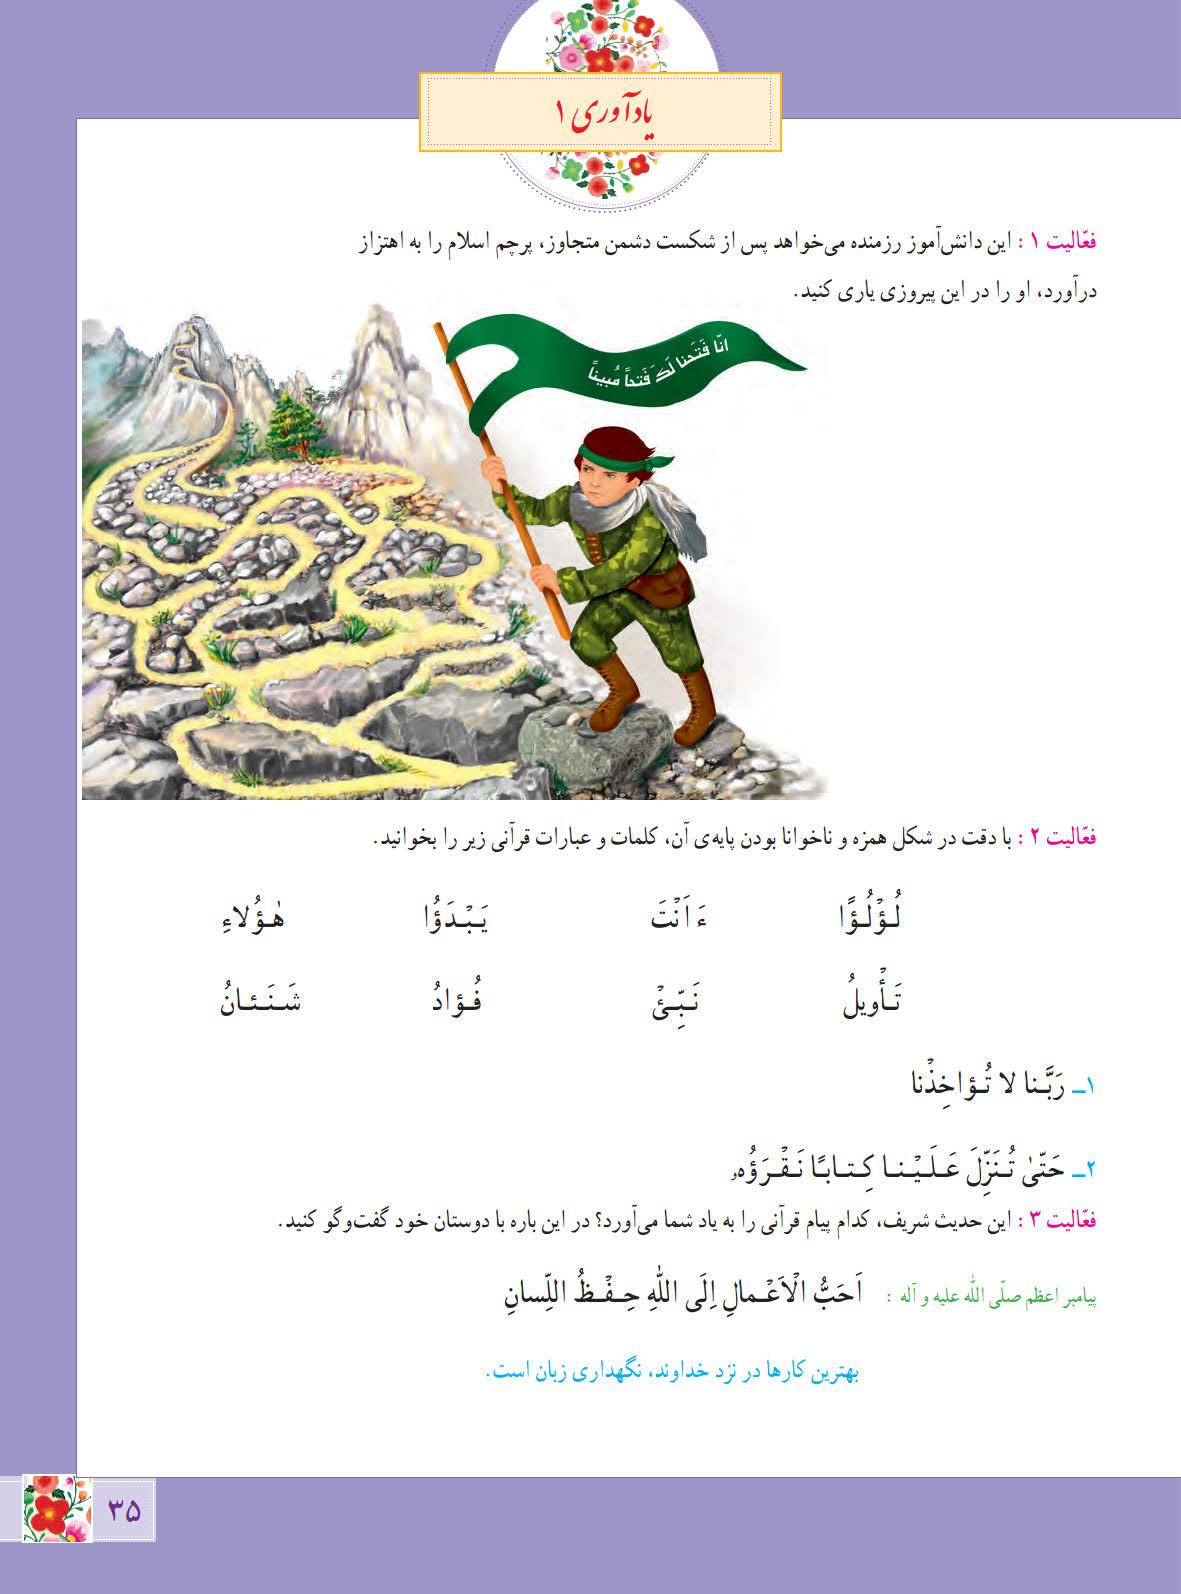 روخوانی و متن و پاسخ یادآوری صفحه 35 درس پنجم آموزش قرآن ششم ابتدایی - کلاس اینترنتی ما - مومکا - momeka.ir (1)